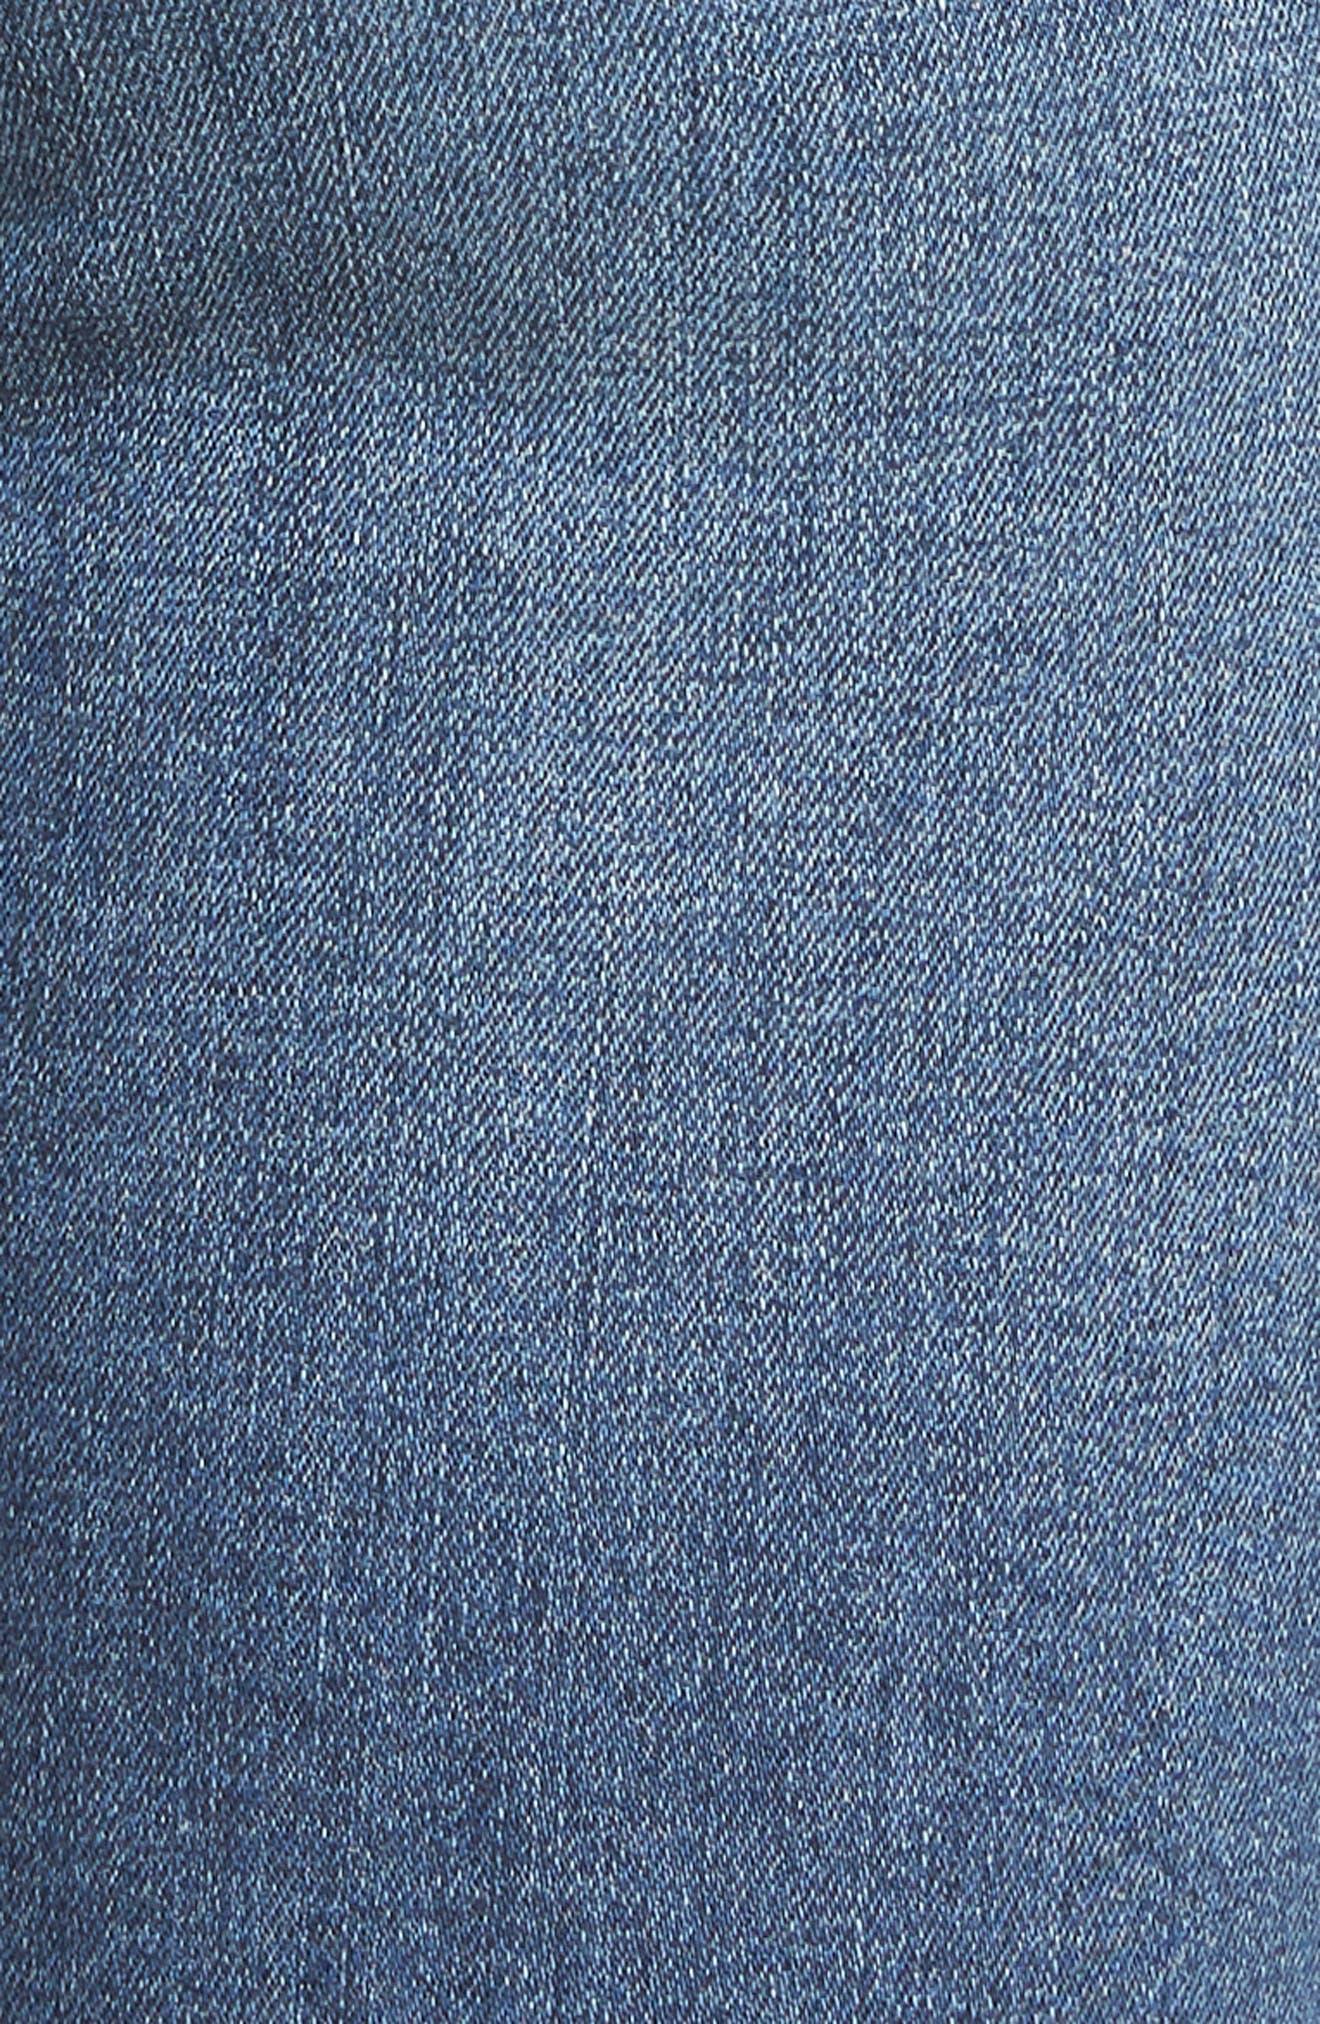 High Waist Step Hem Skinny Jeans,                             Alternate thumbnail 5, color,                             Medium